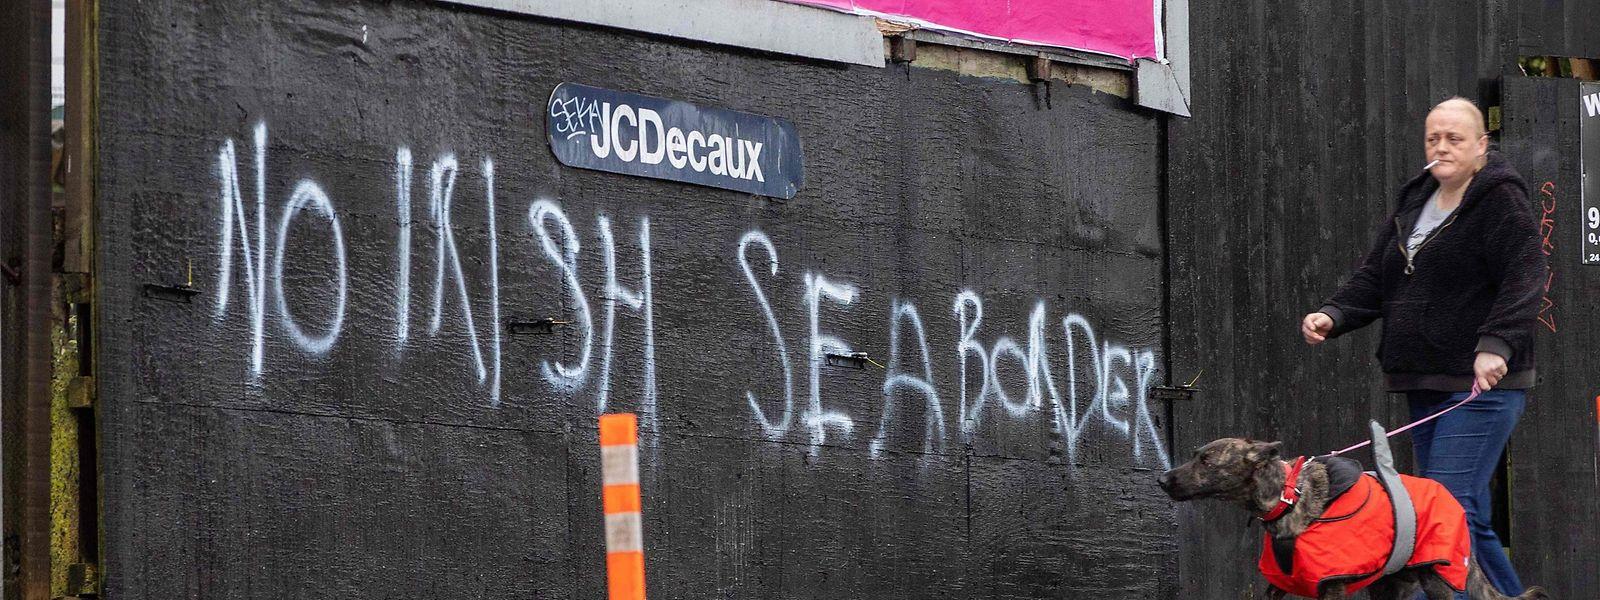 Ein Graffiti im Süden von Belfast spricht sich gegen eine irische Seegrenze aus.